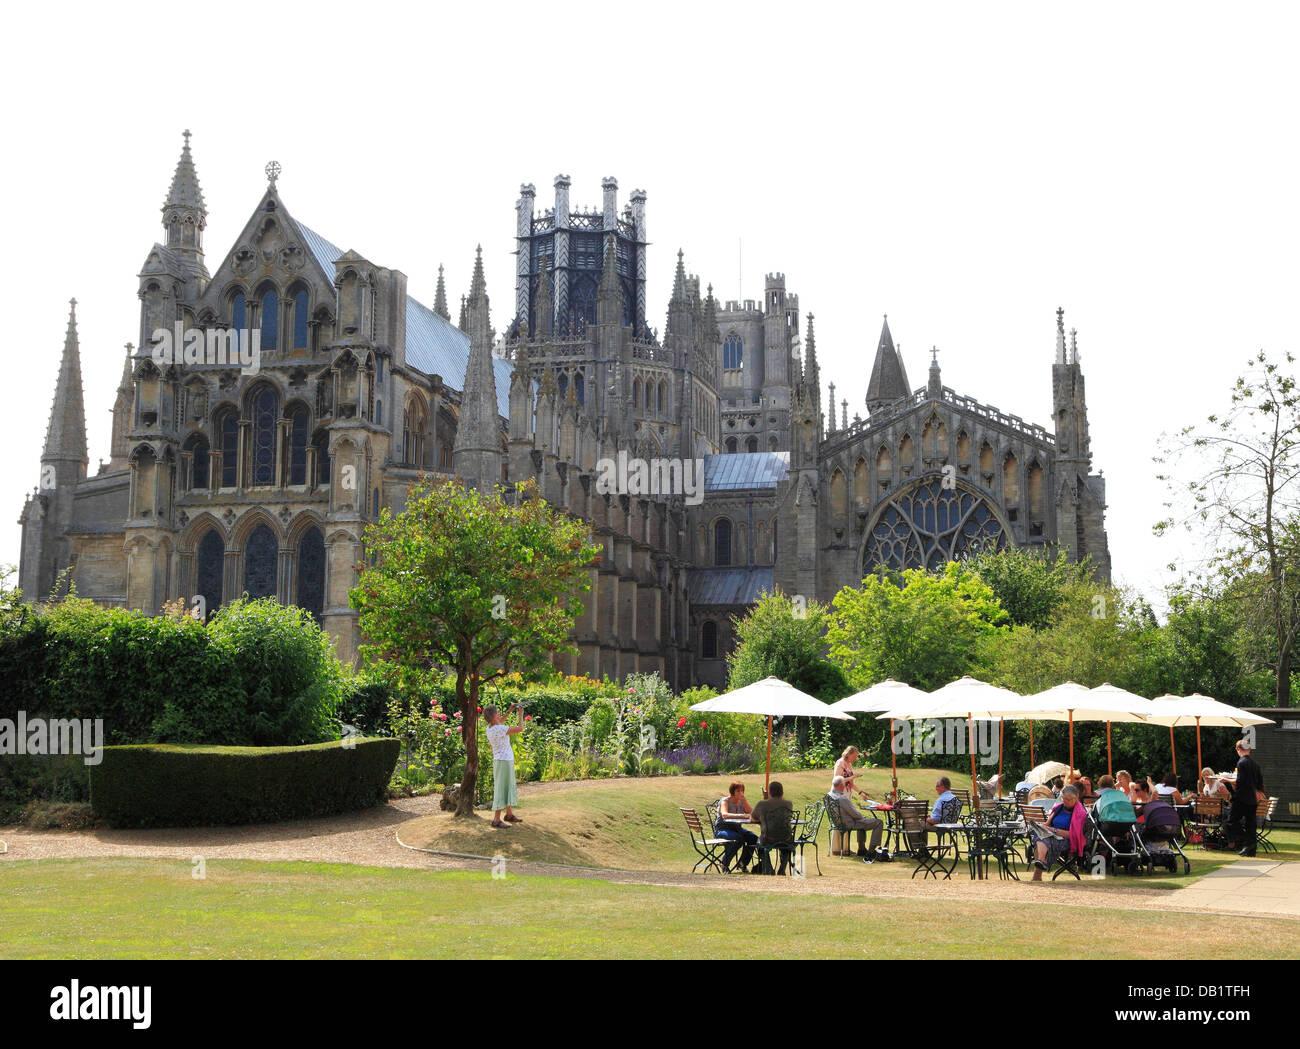 Ely, Almonry Salón de Té, Restaurante, Catedral, Cambridgeshire, Inglaterra el té inglés habitaciones Imagen De Stock